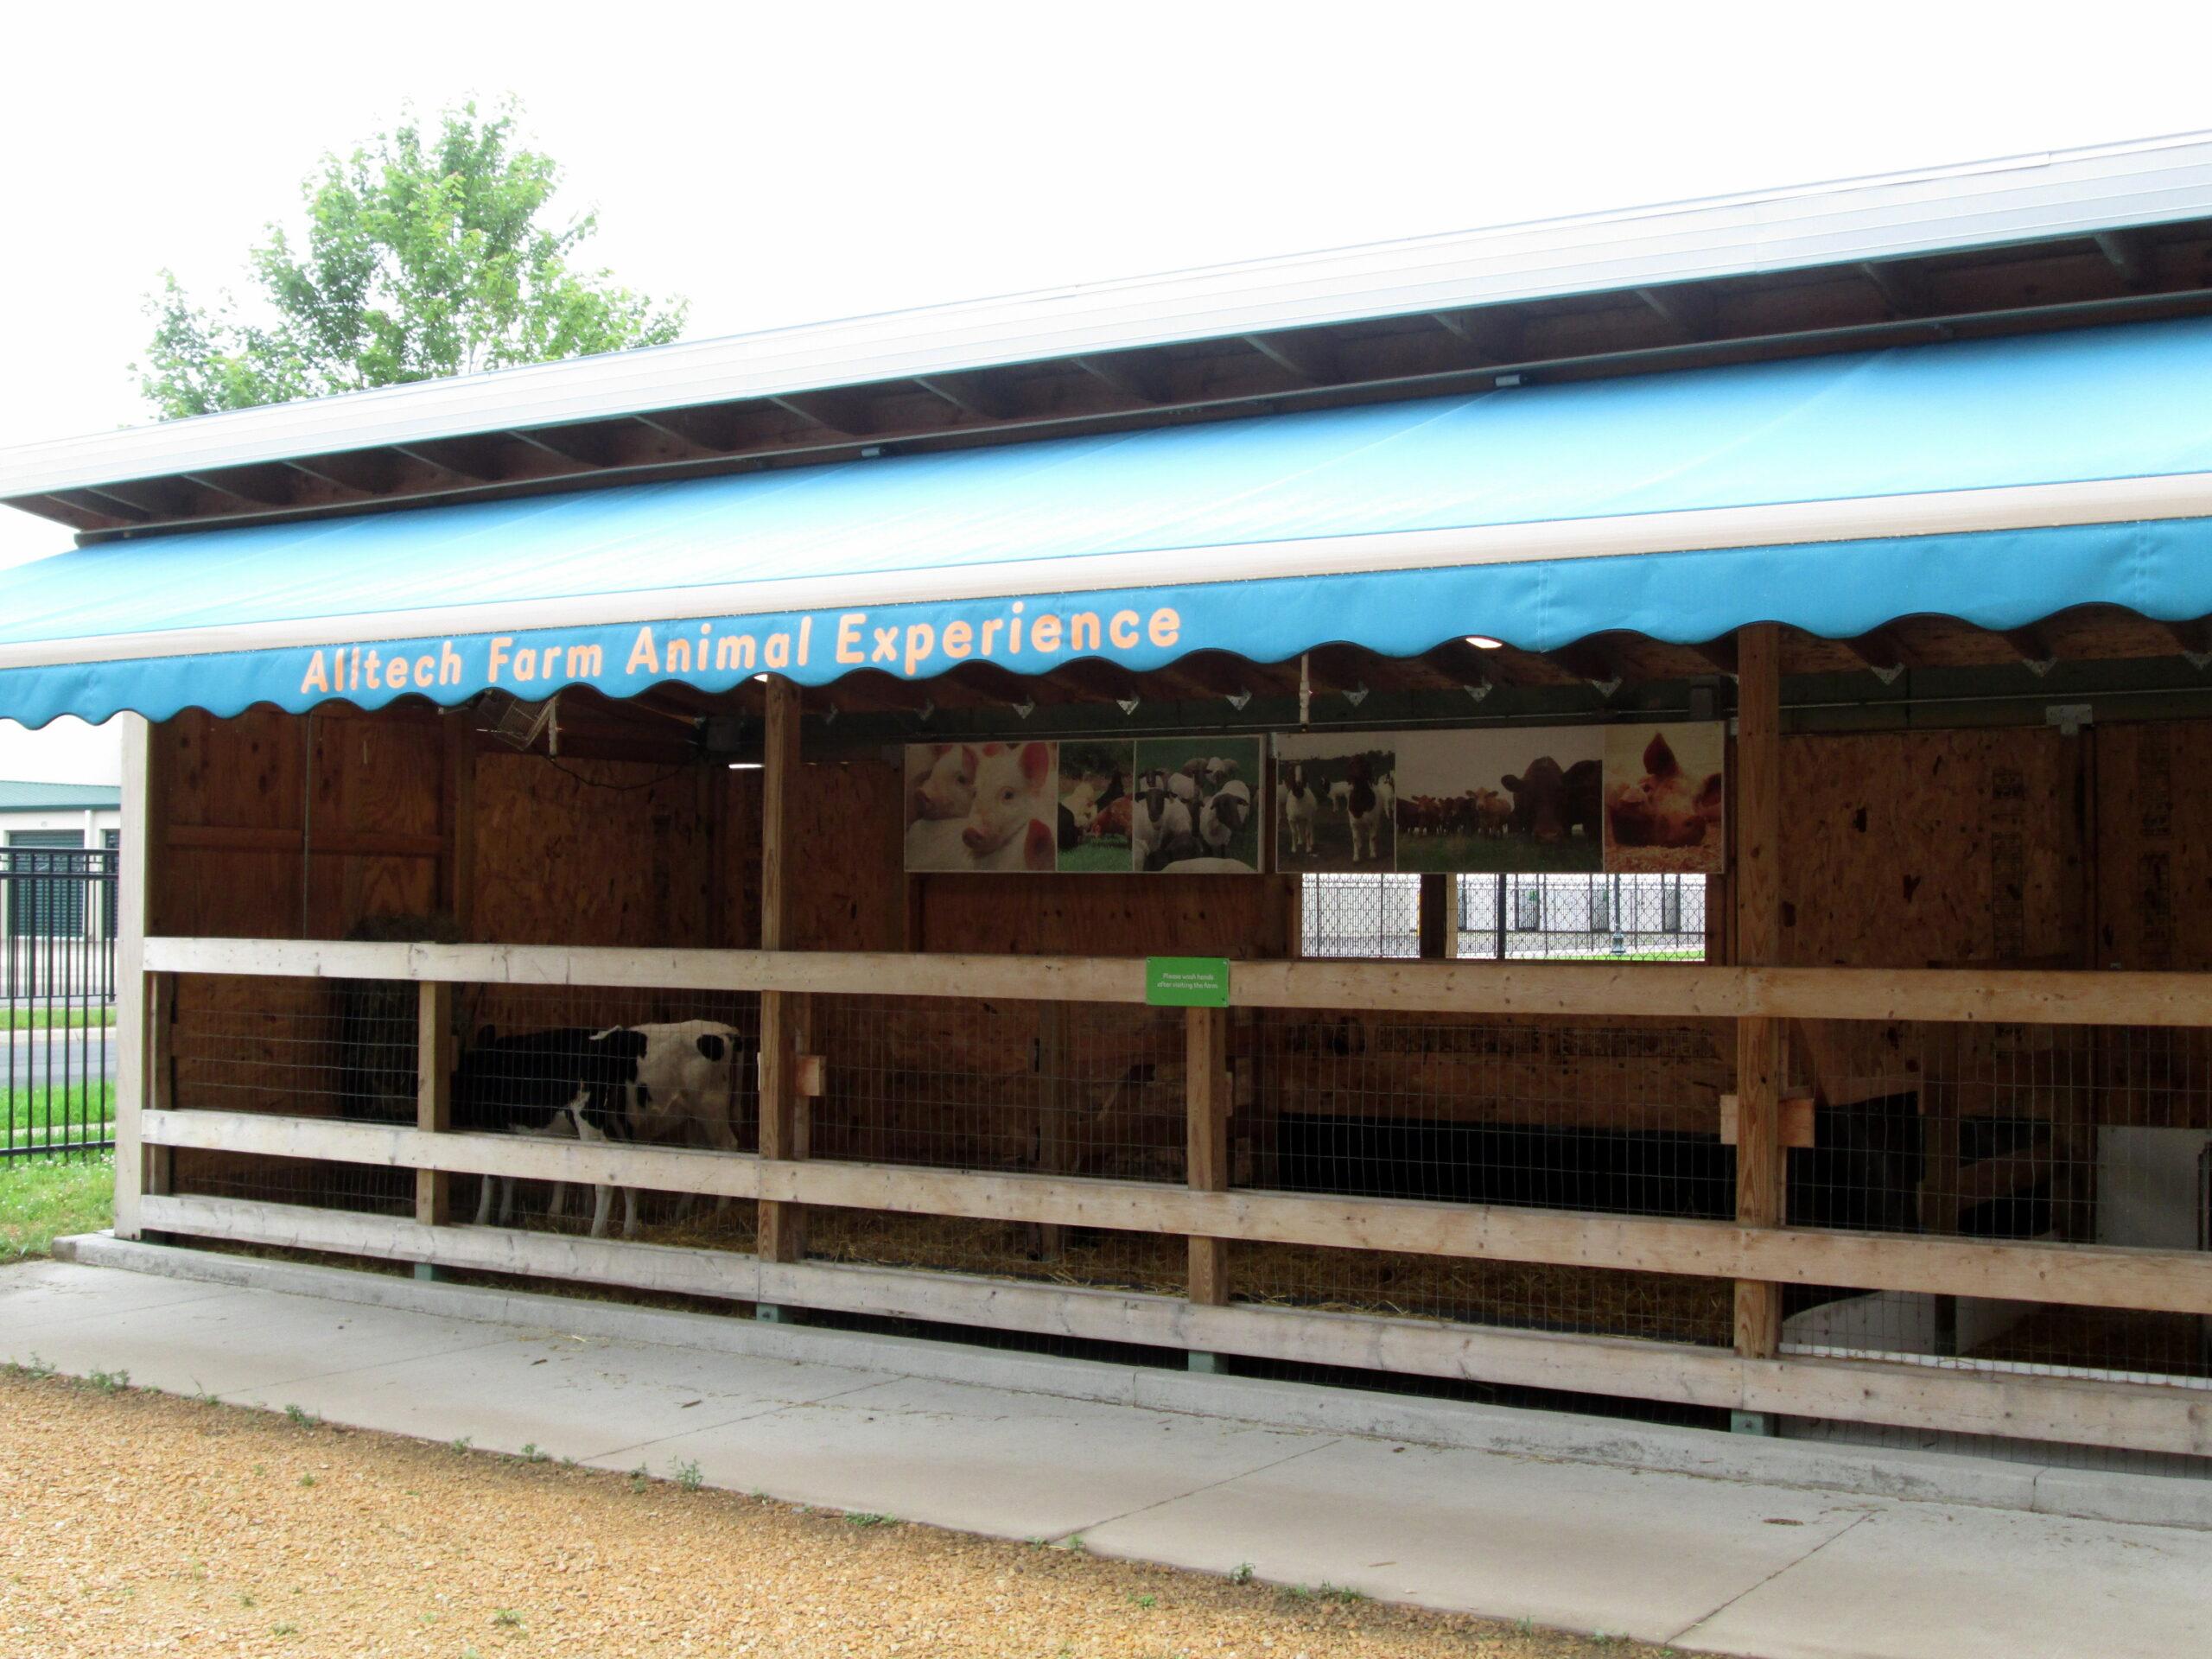 Alltech Farm Animal Experience - barn